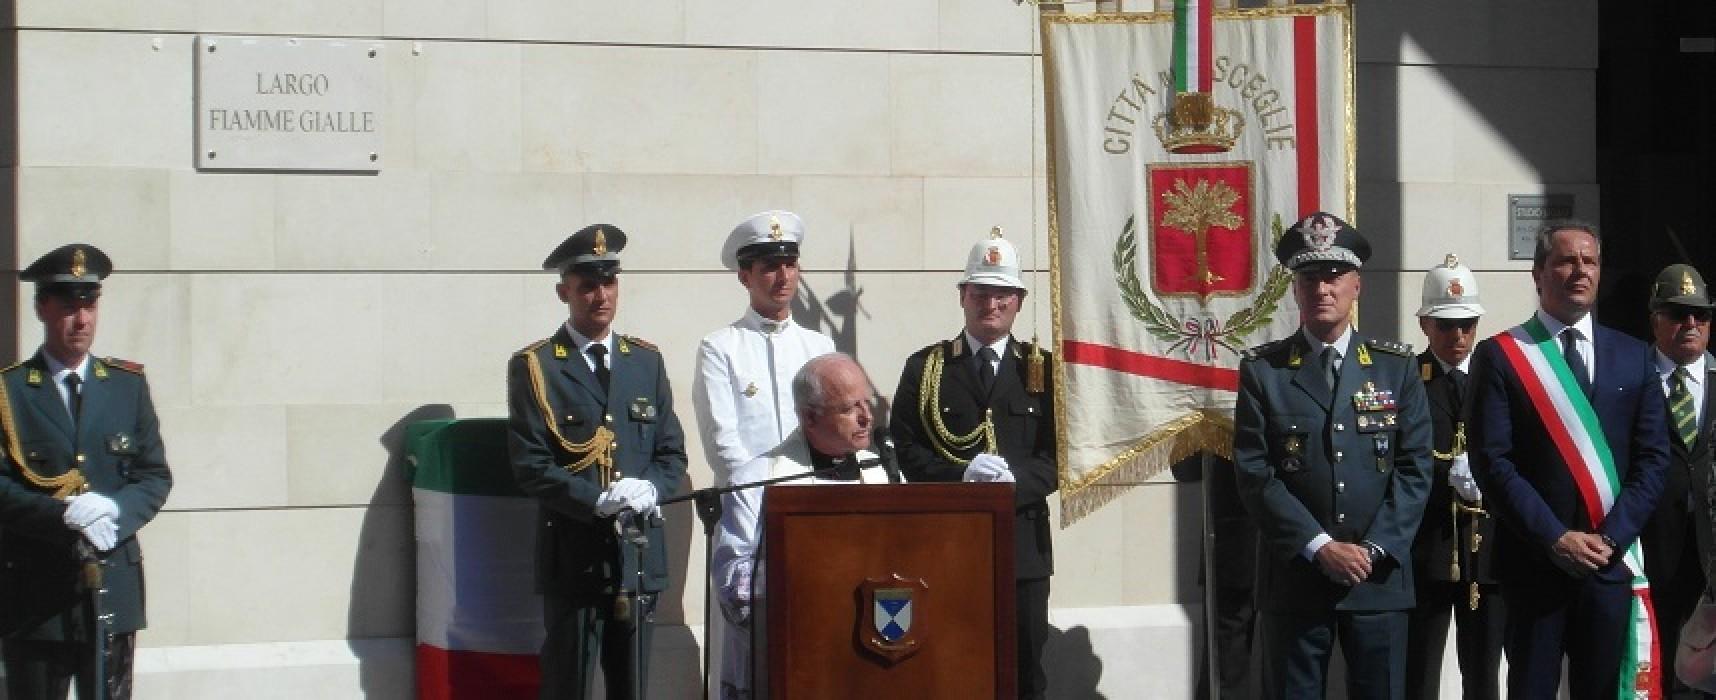 """""""Largo Fiamme Gialle"""", ieri l'inaugurazione della piazza / FOTO"""